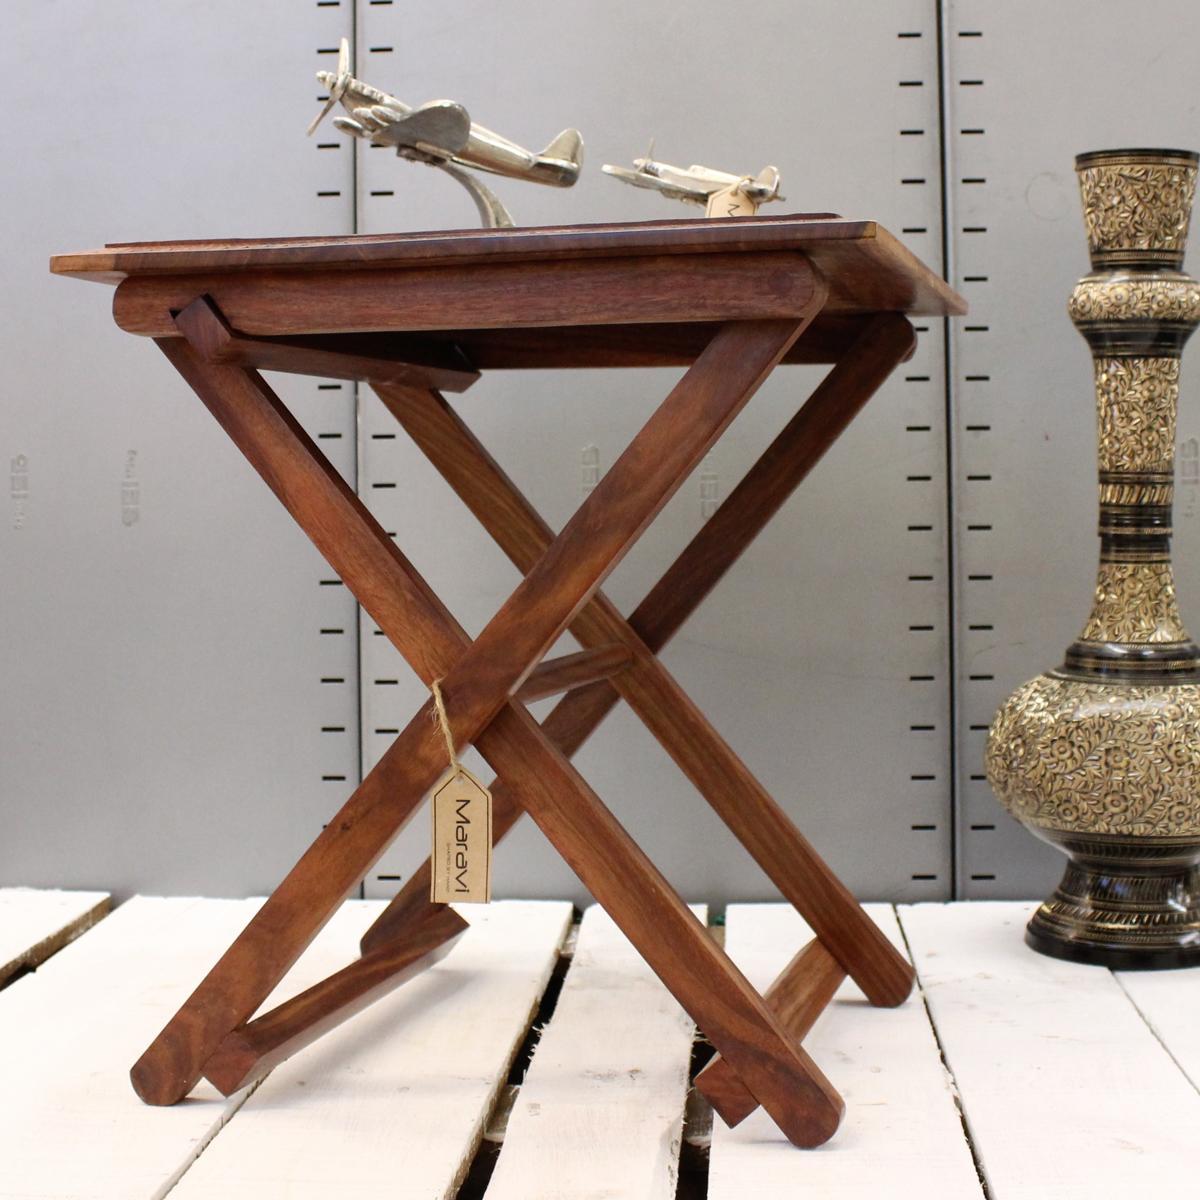 Nonne kun eckig faltbarer tisch top sheesham holz - Holz hartegrade tabelle ...